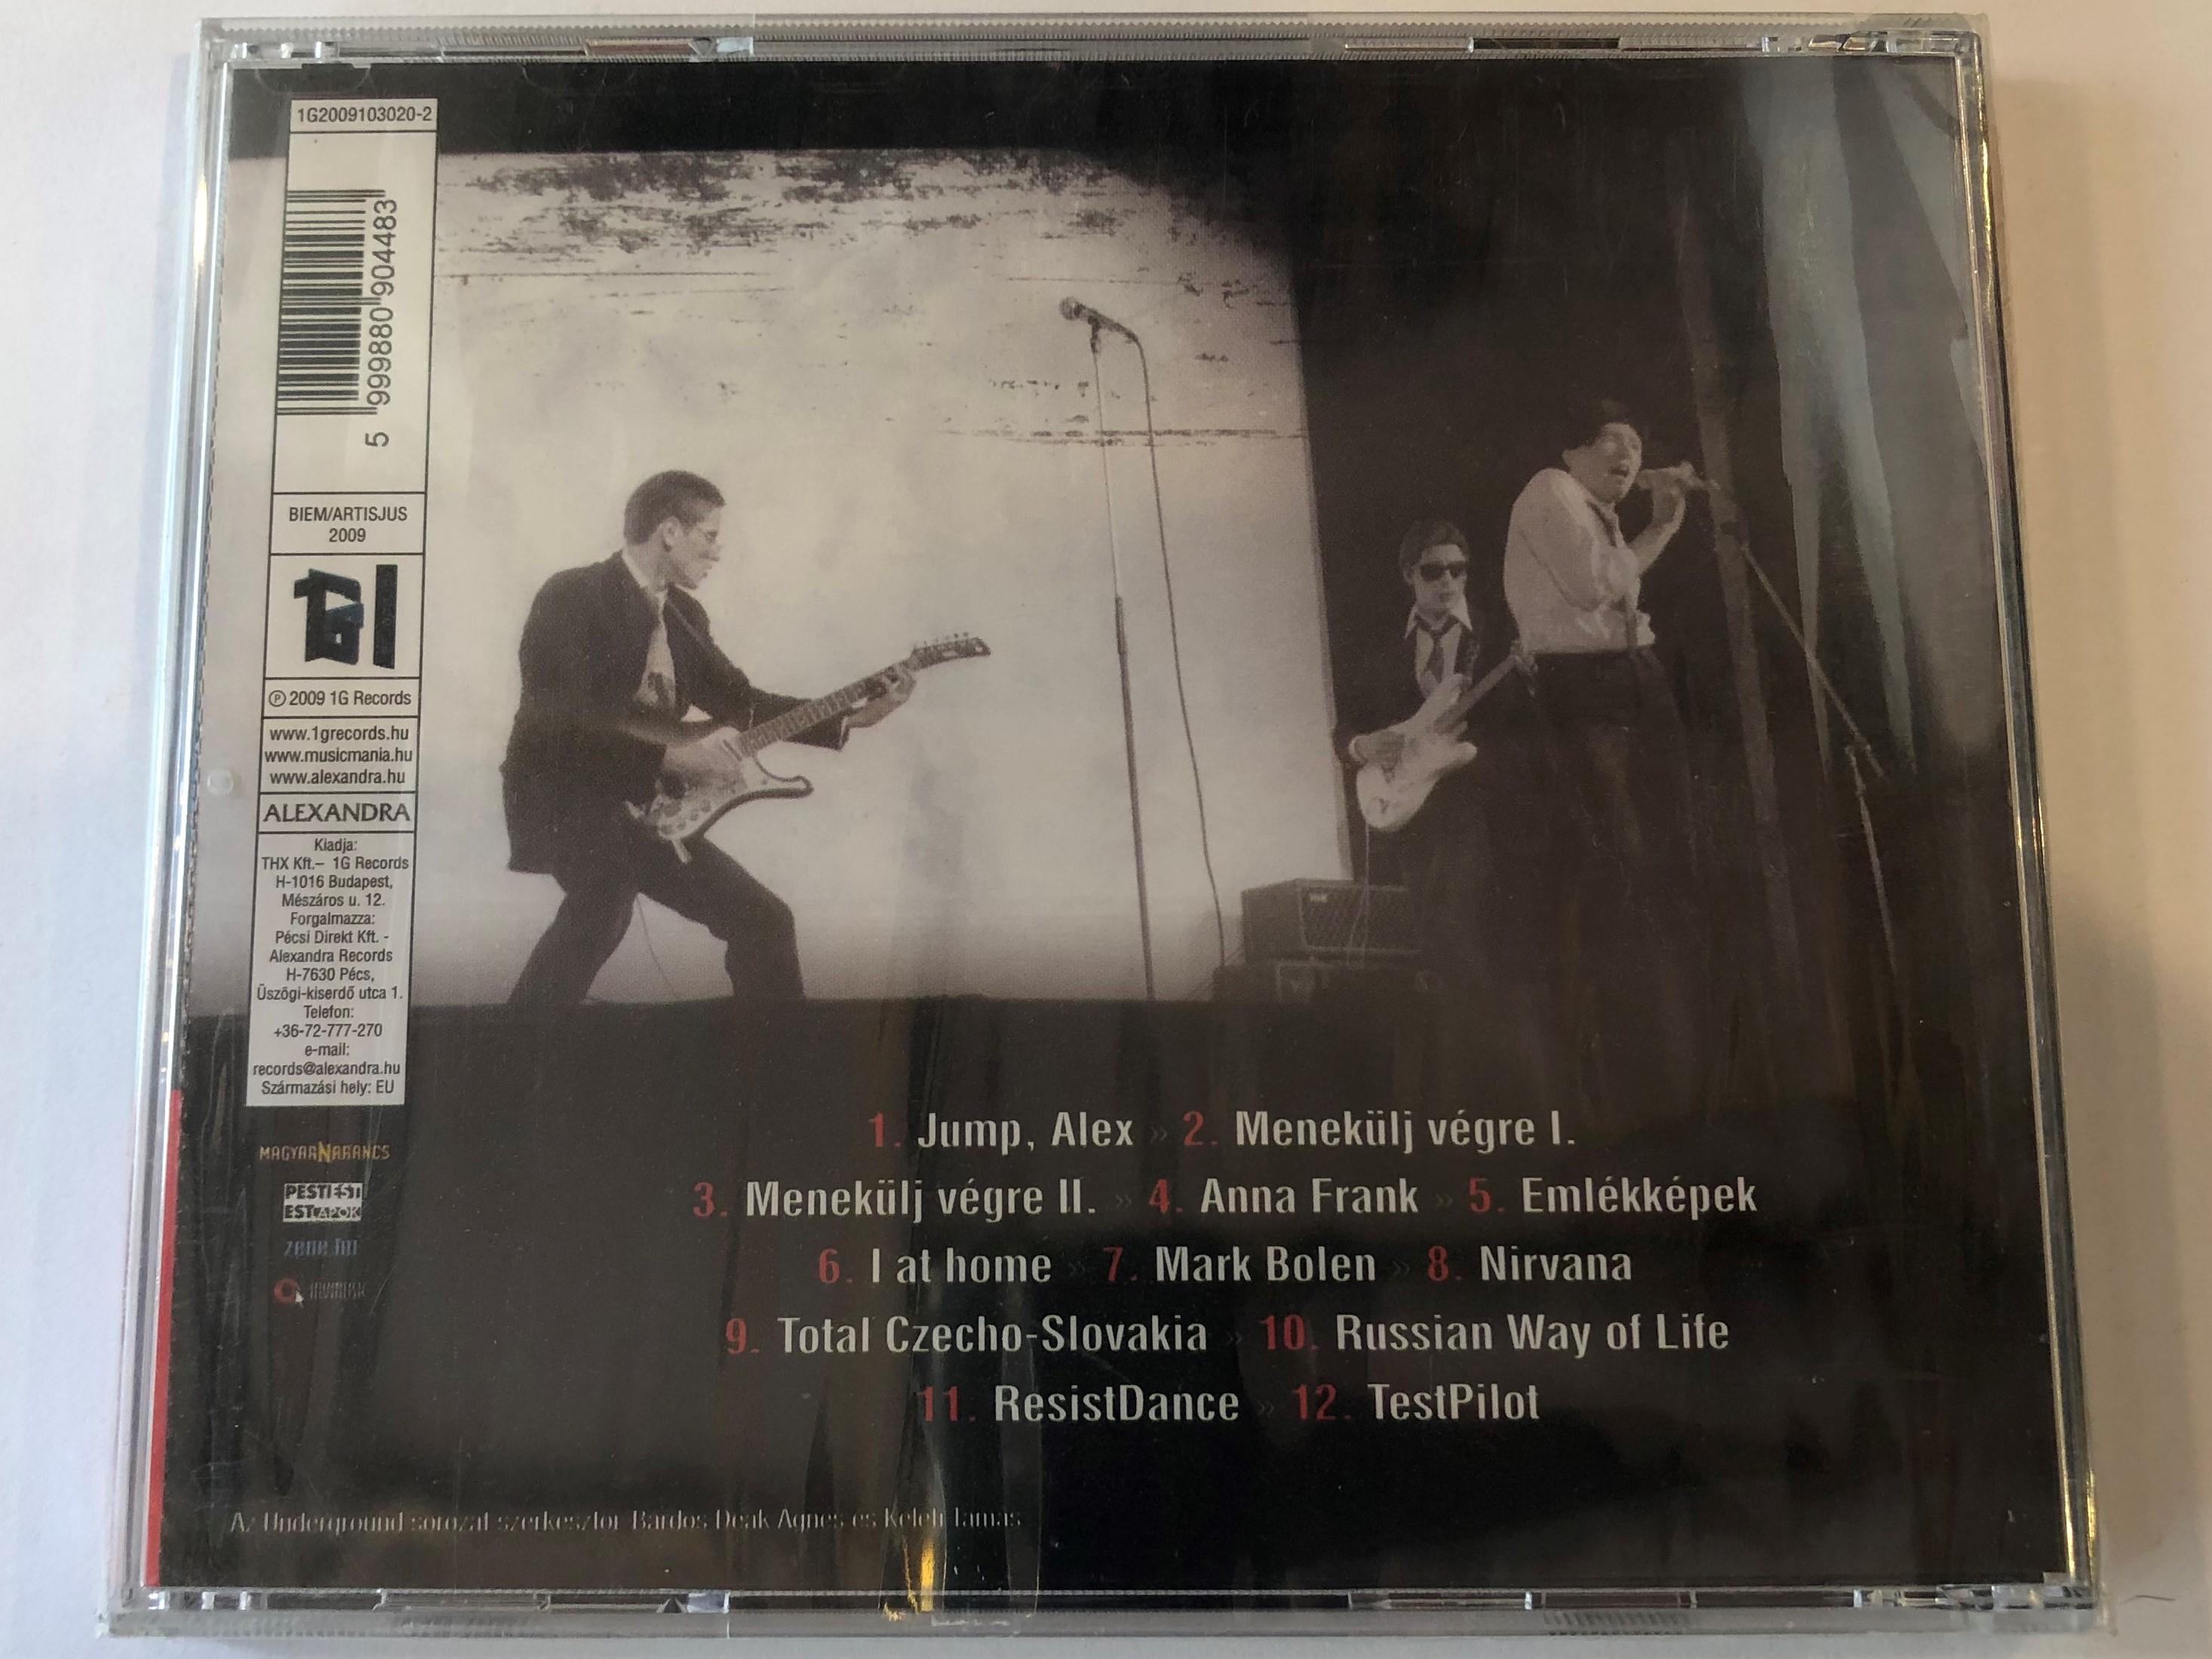 spions-menek-lj-v-gre-1g-records-audio-cd-2009-1g2009103020-2-2-.jpg